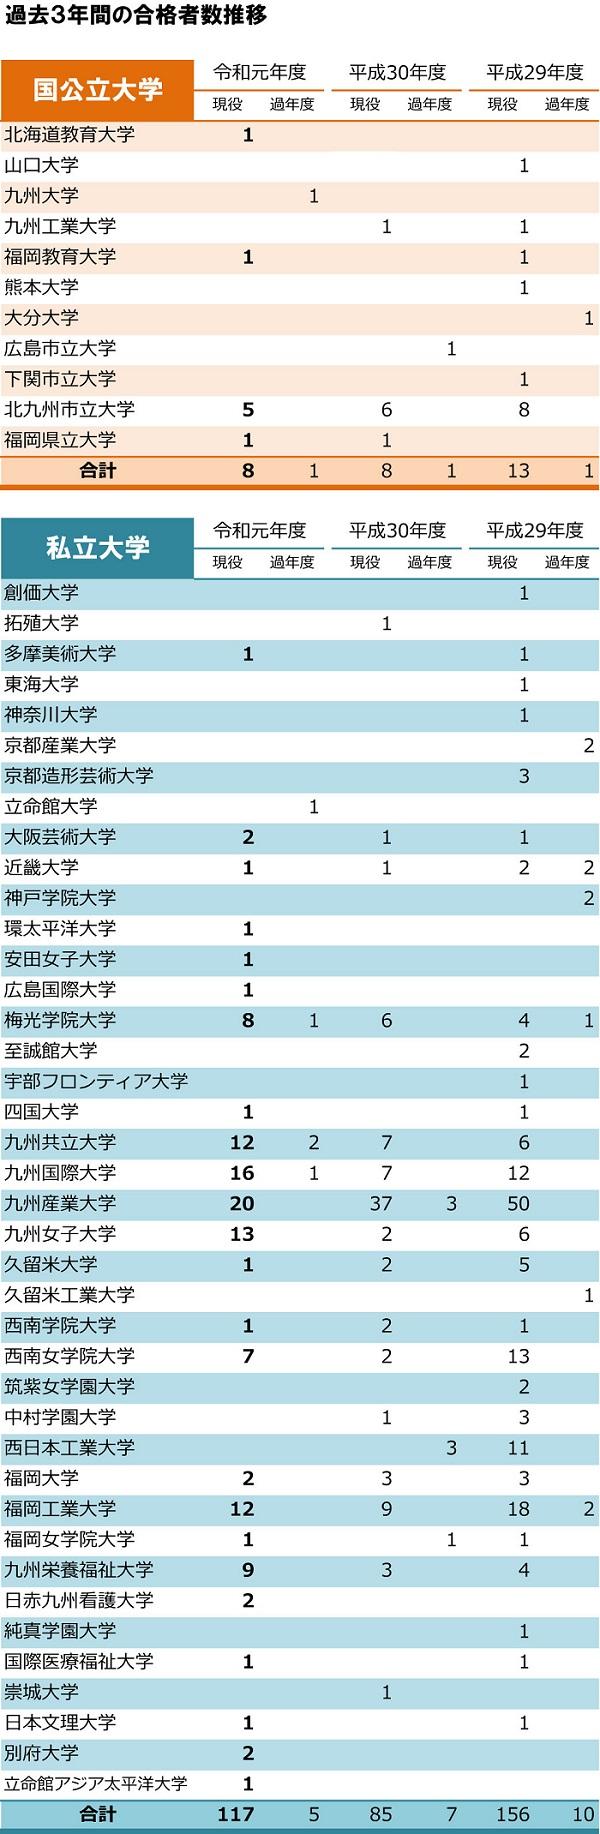 福岡 高校 進学 実績